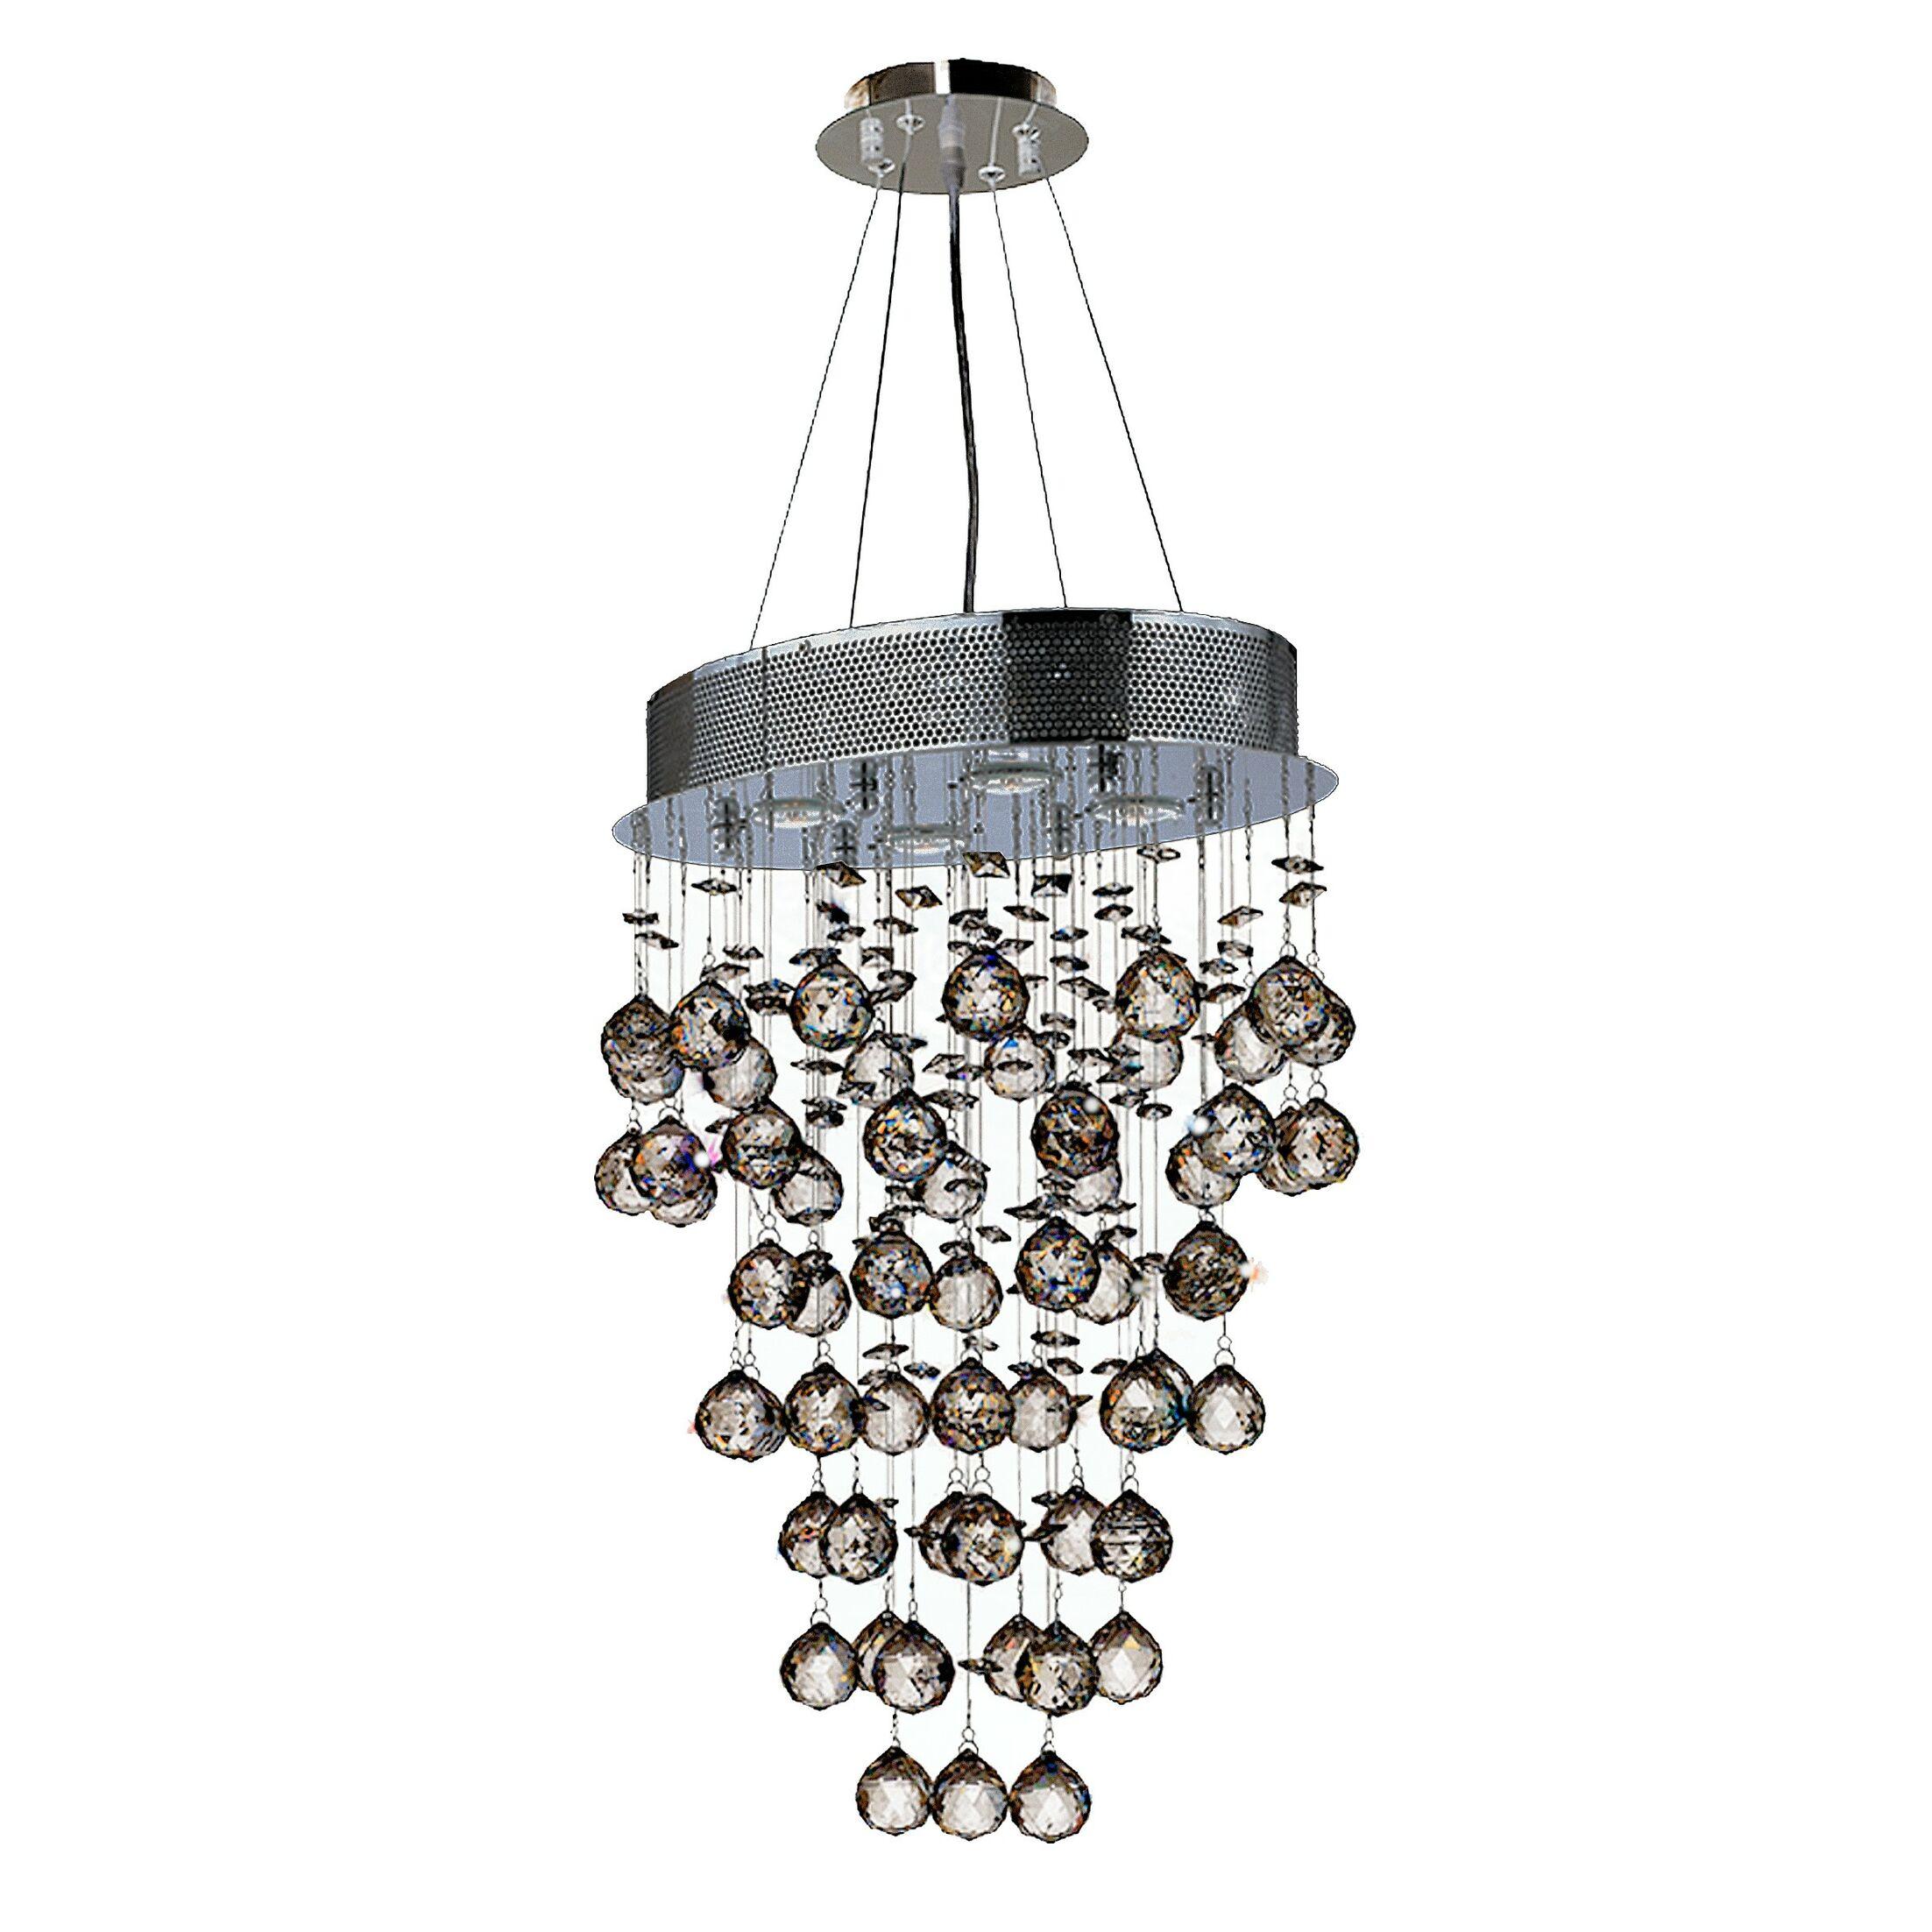 Leiker 4-Light Cluster Pendant